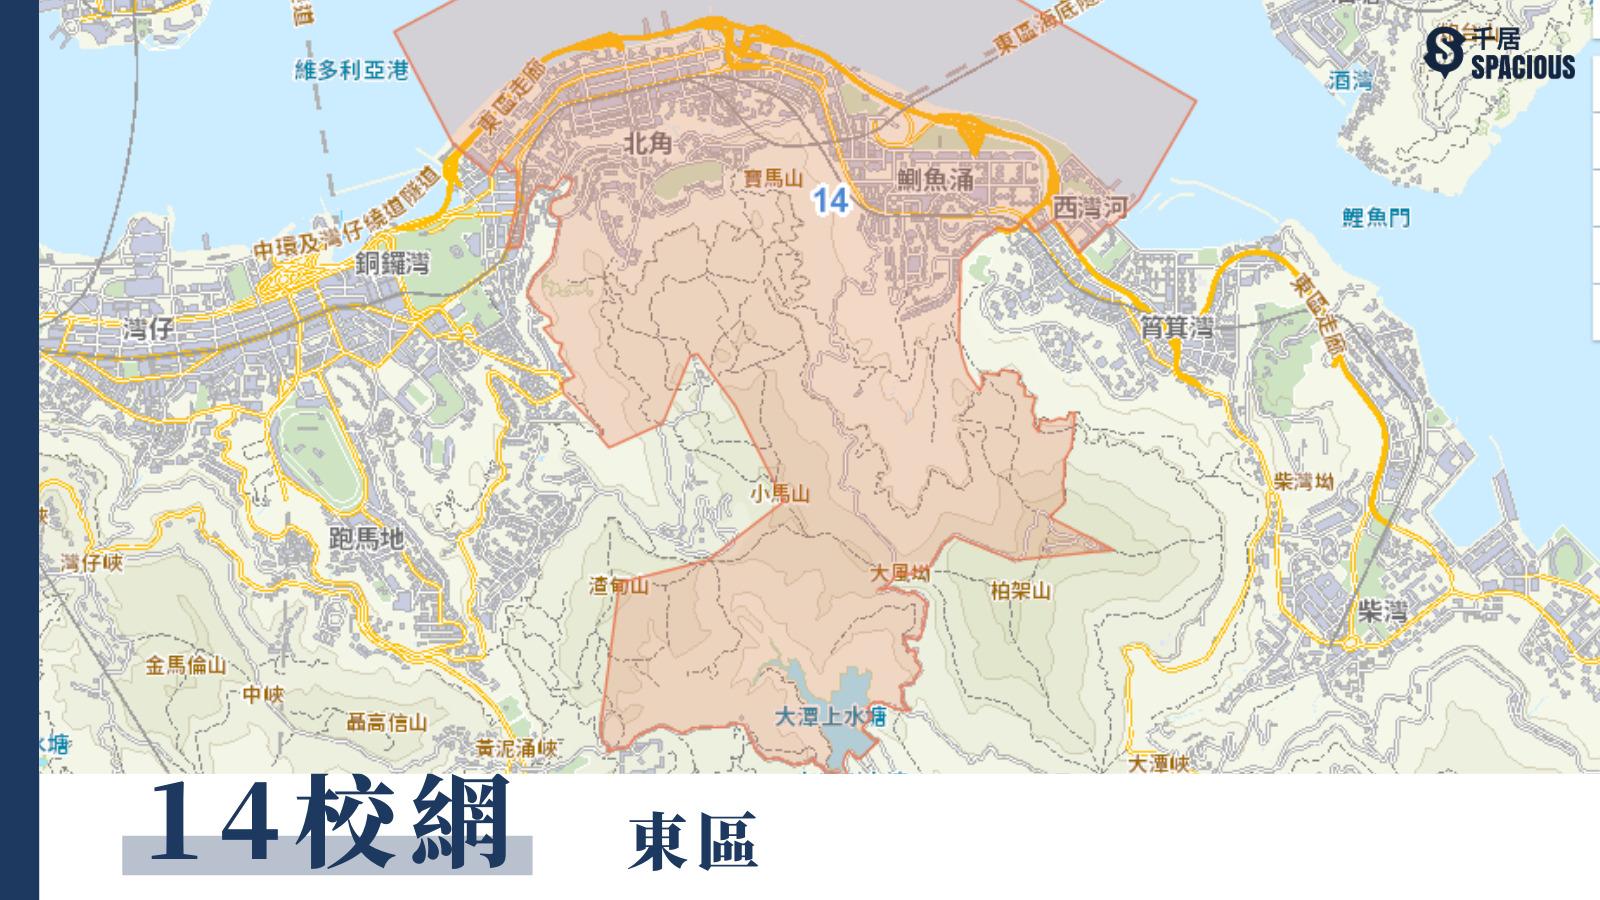 14校網地圖